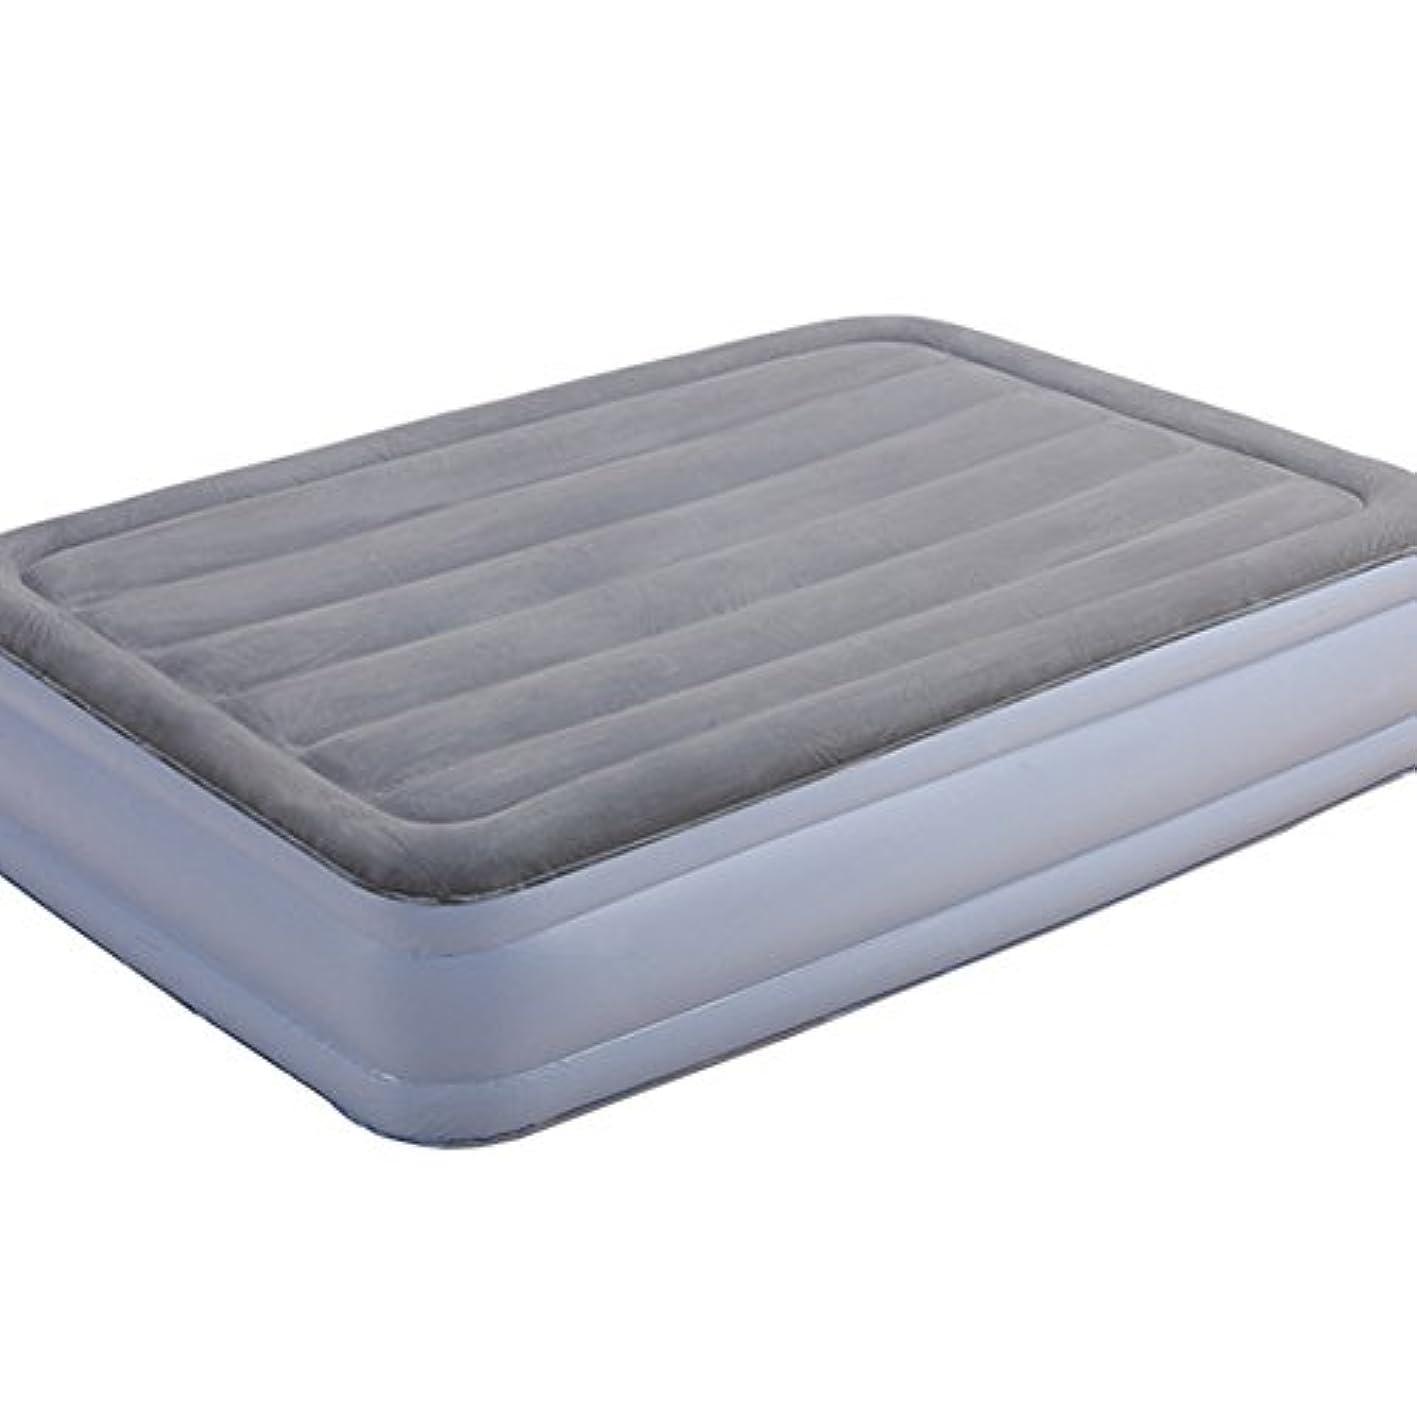 一月皮緊張シングルハイエアベッドレストクラシックレッグエアベッド、電気ポット、ベッドの高さ45cm、シルバーグレー